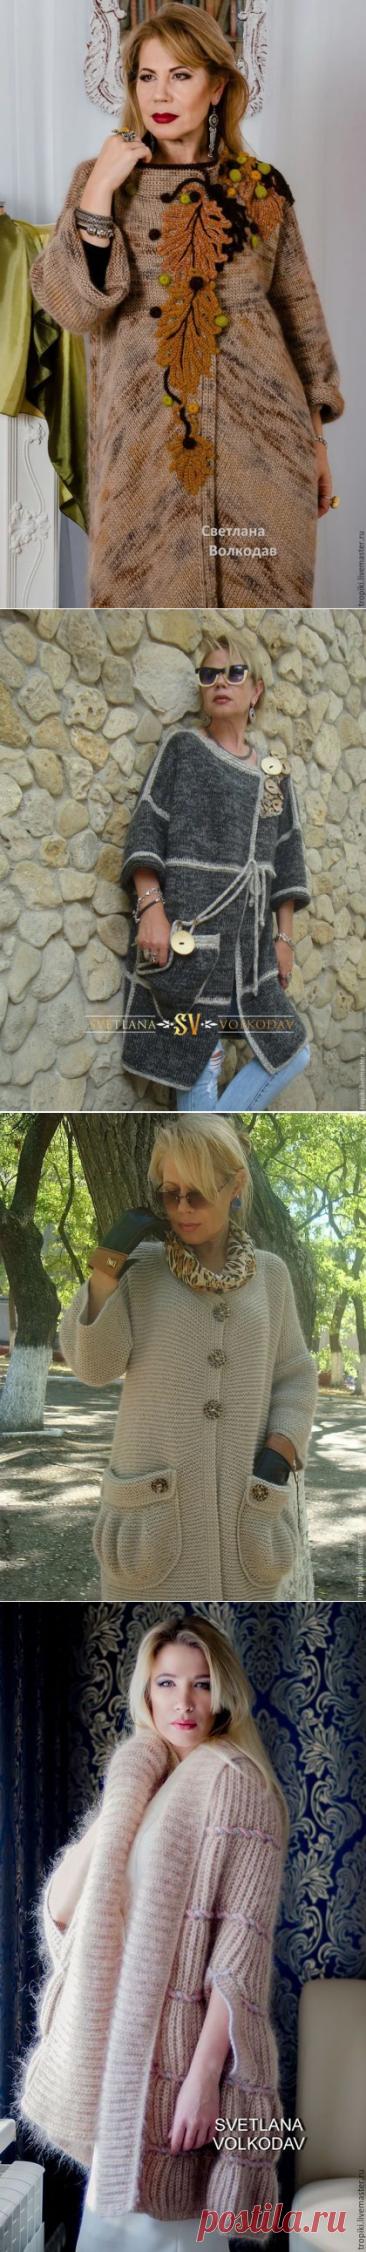 Нежные объятья осени: Стиль Бохо + Кэжуал в вязаной одежде   Для женщин 45+   Яндекс Дзен